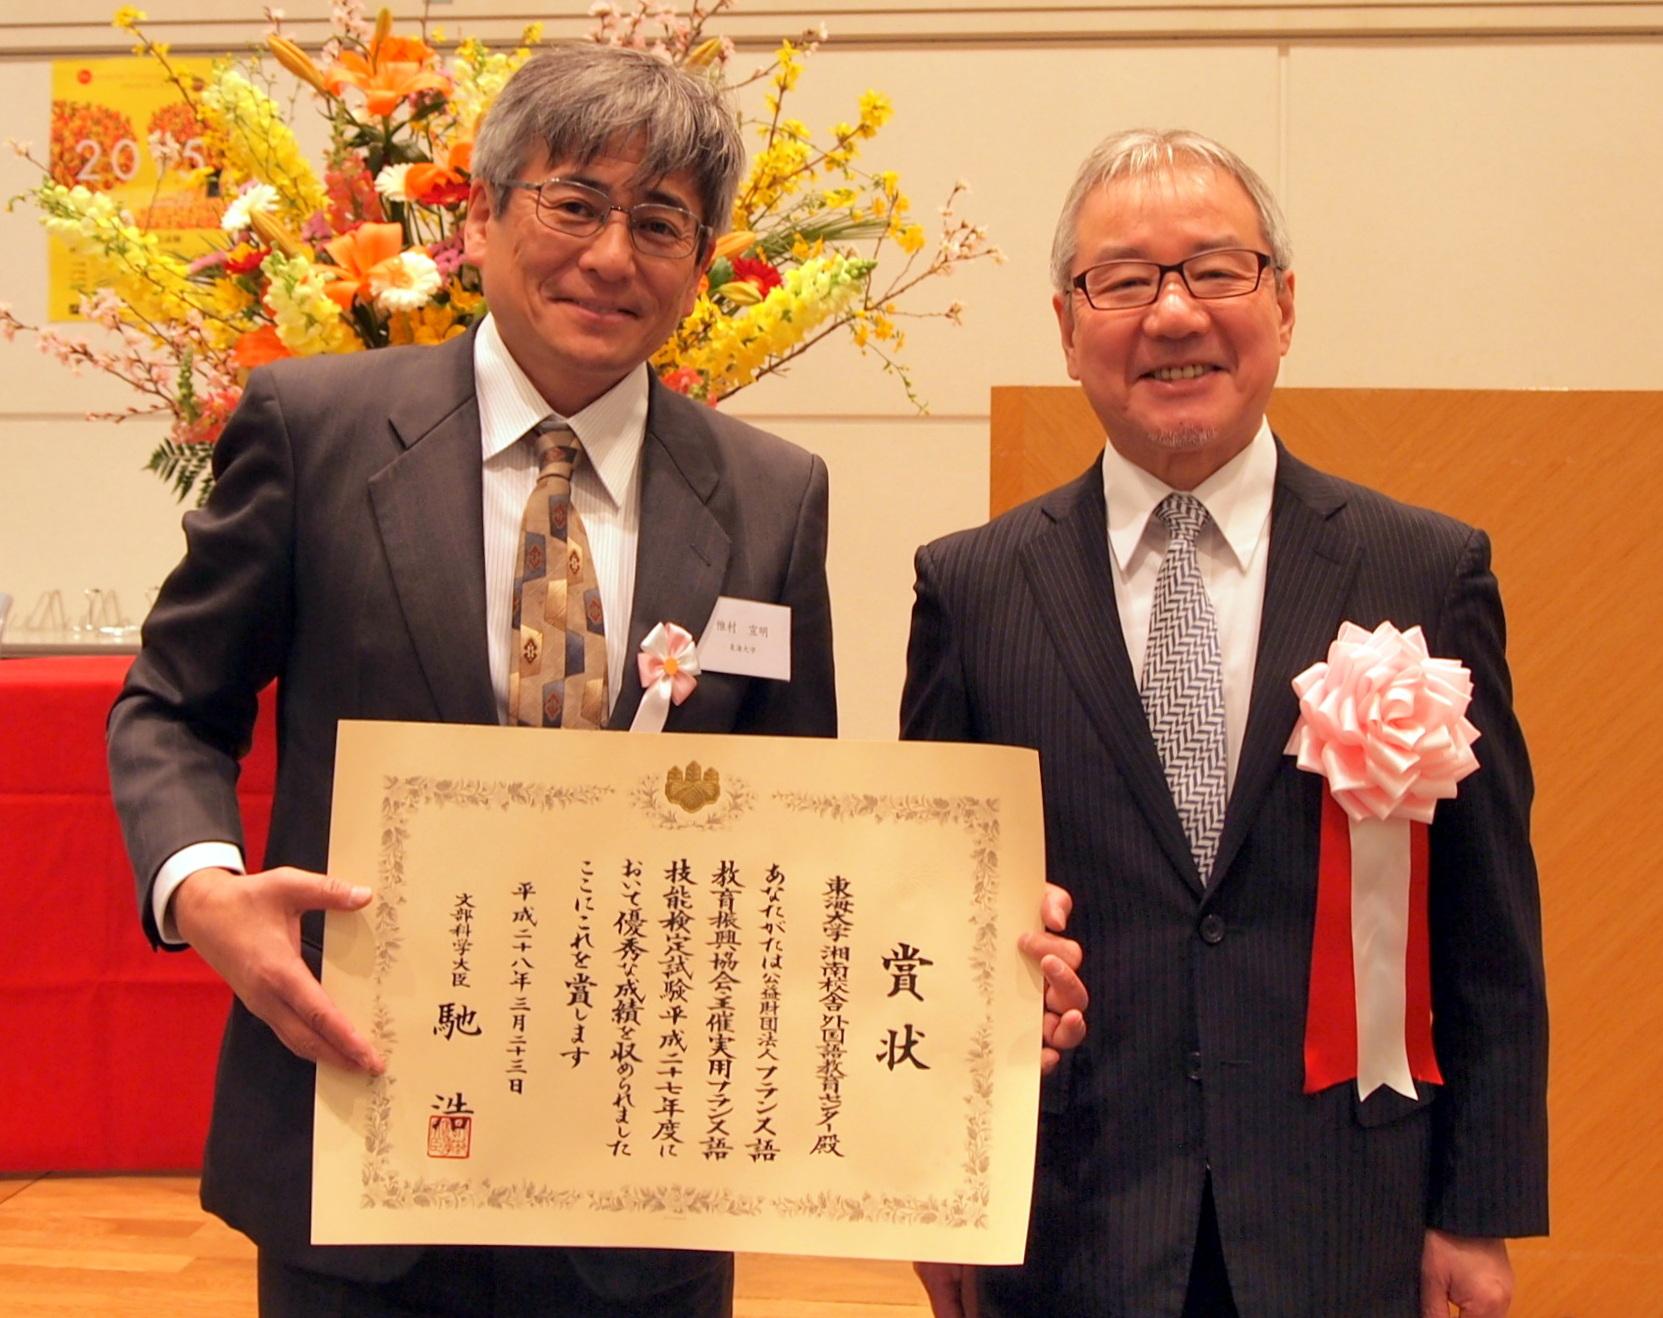 (写真左より)惟村宣明先生(東海大学)・西澤理事長